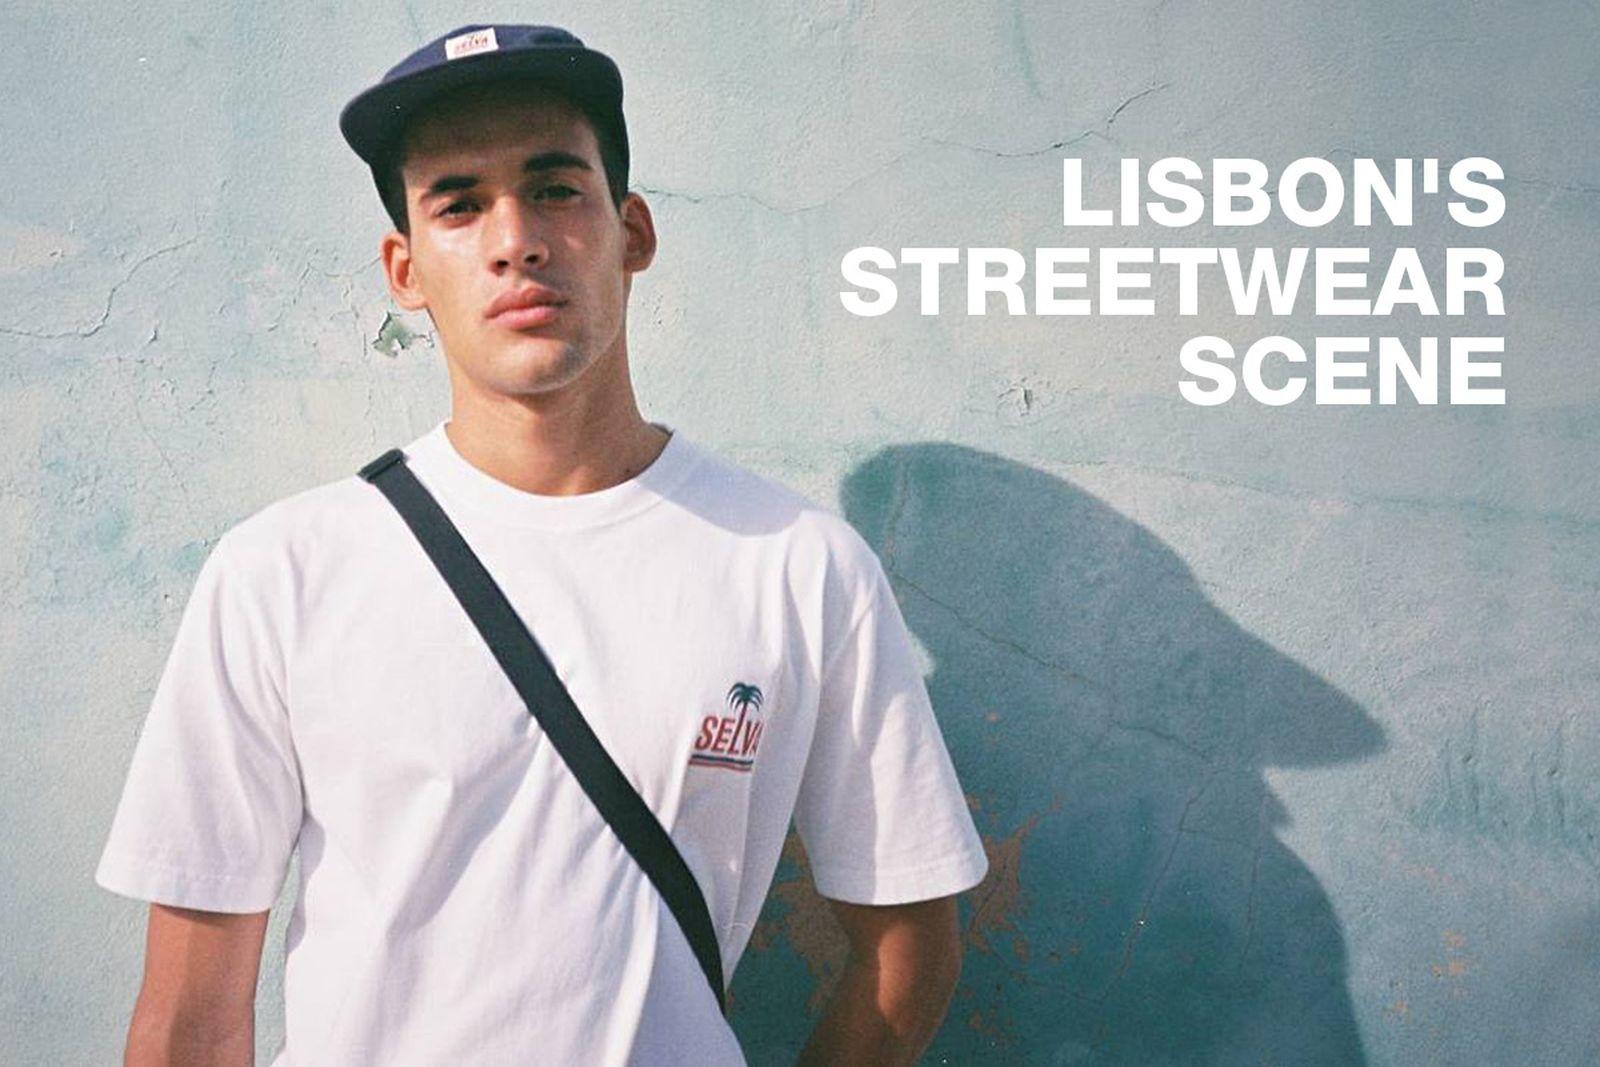 lisbon-streetwear-scene-main